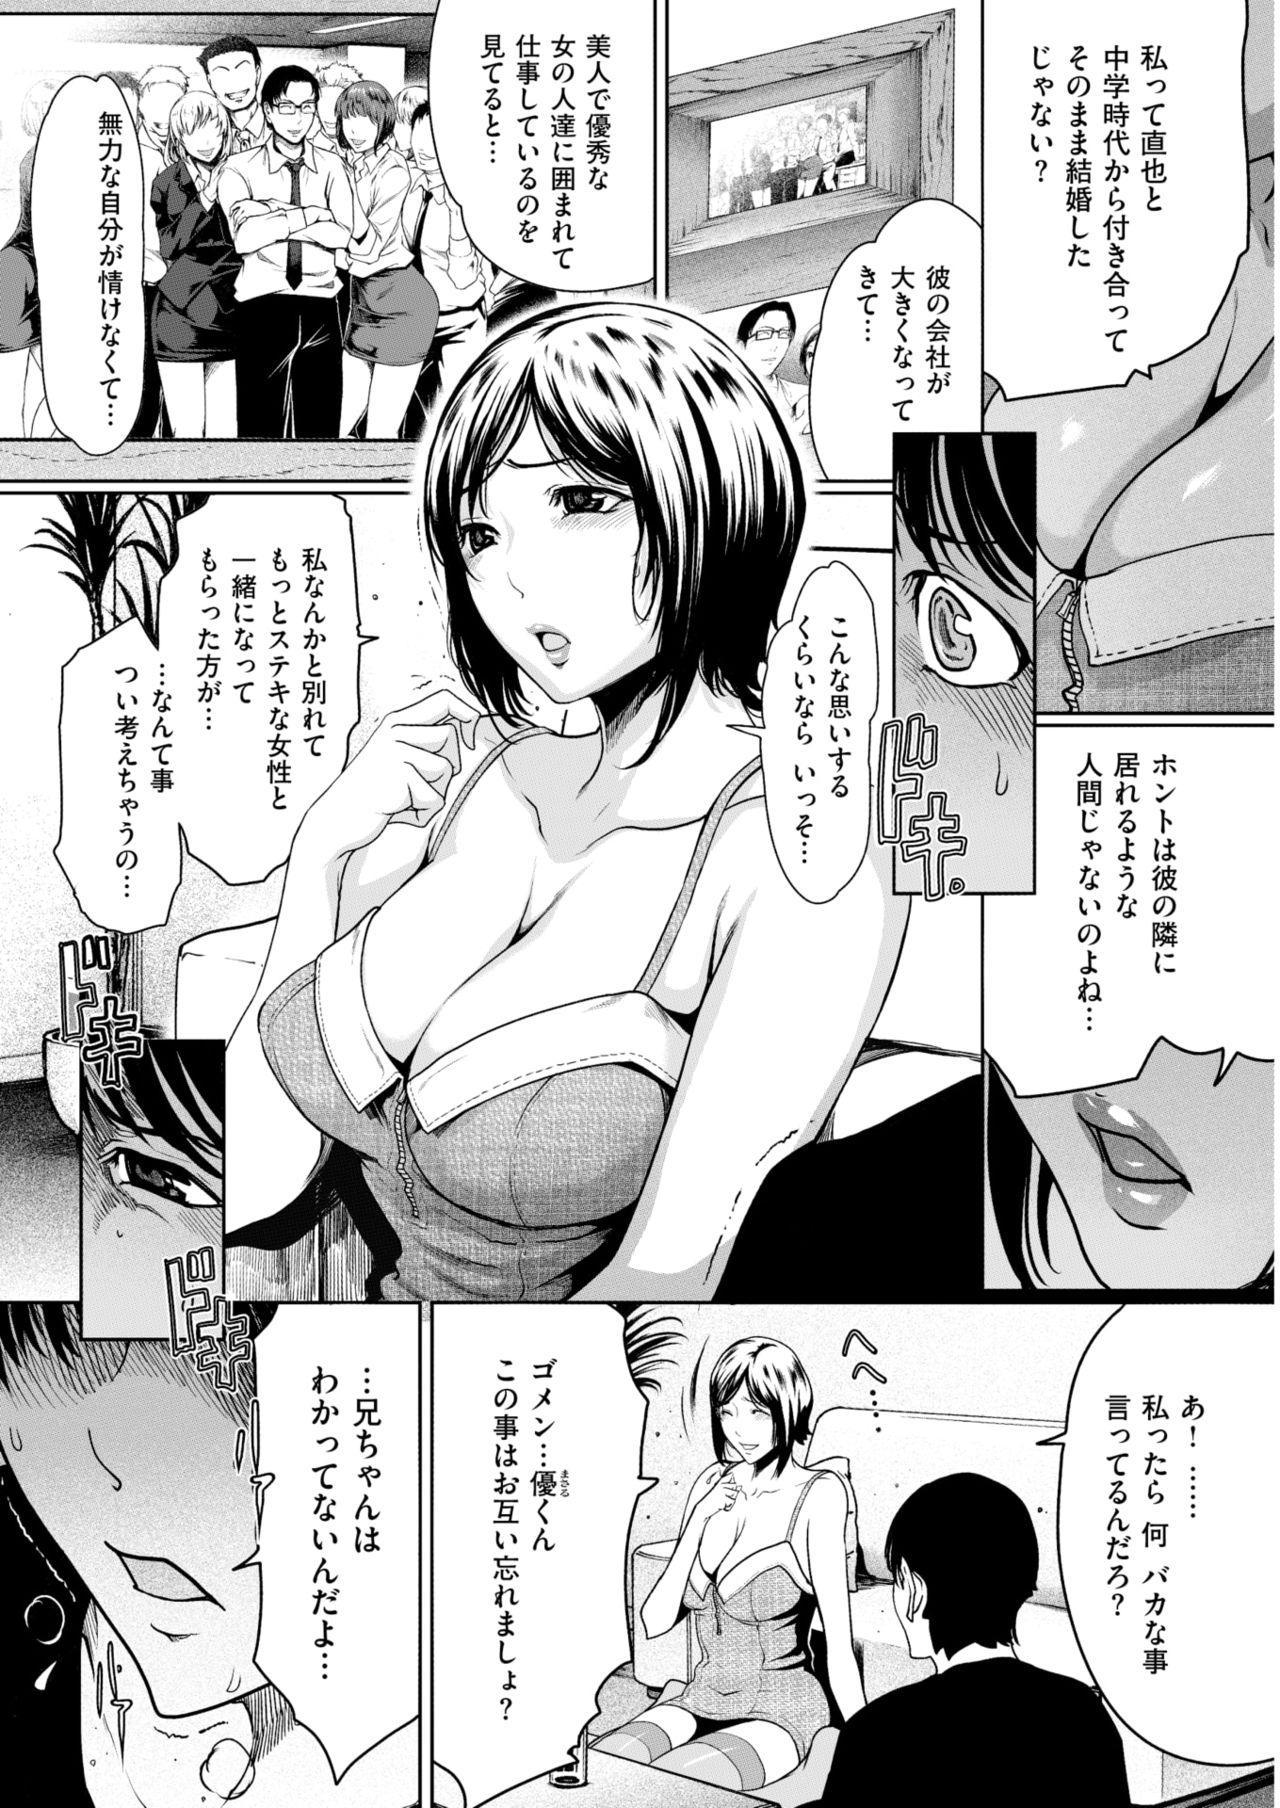 COMIC Kairakuten 25 Shuunen kinen tokubetsugou 296